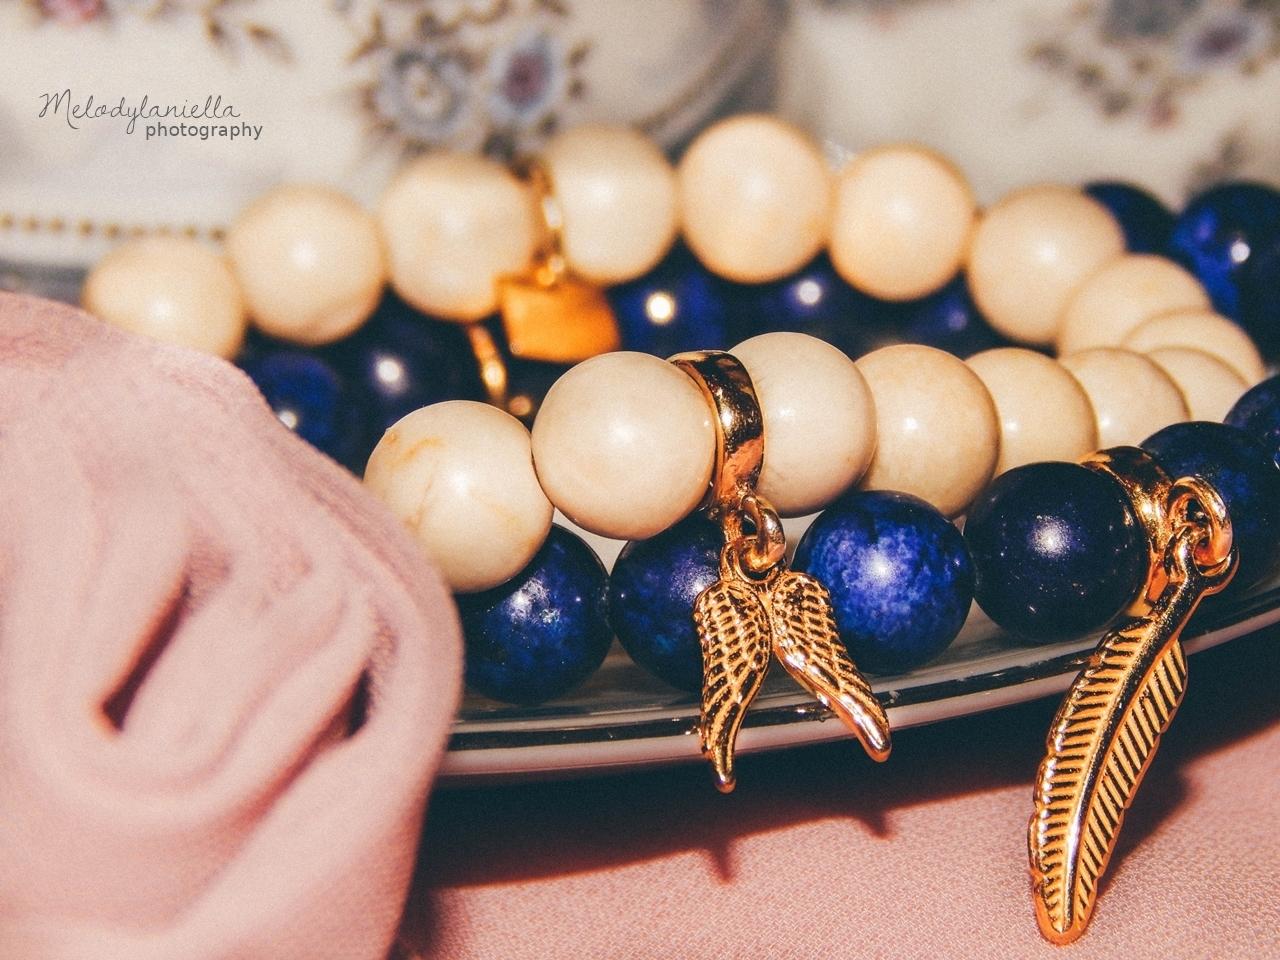 bizuteria z kamieni szlachetnych srebro zloto jewellery by Ana bizuteria bransoletki marmur charmsy 24k zloto skrzydla piórko marmur lapis lazuli